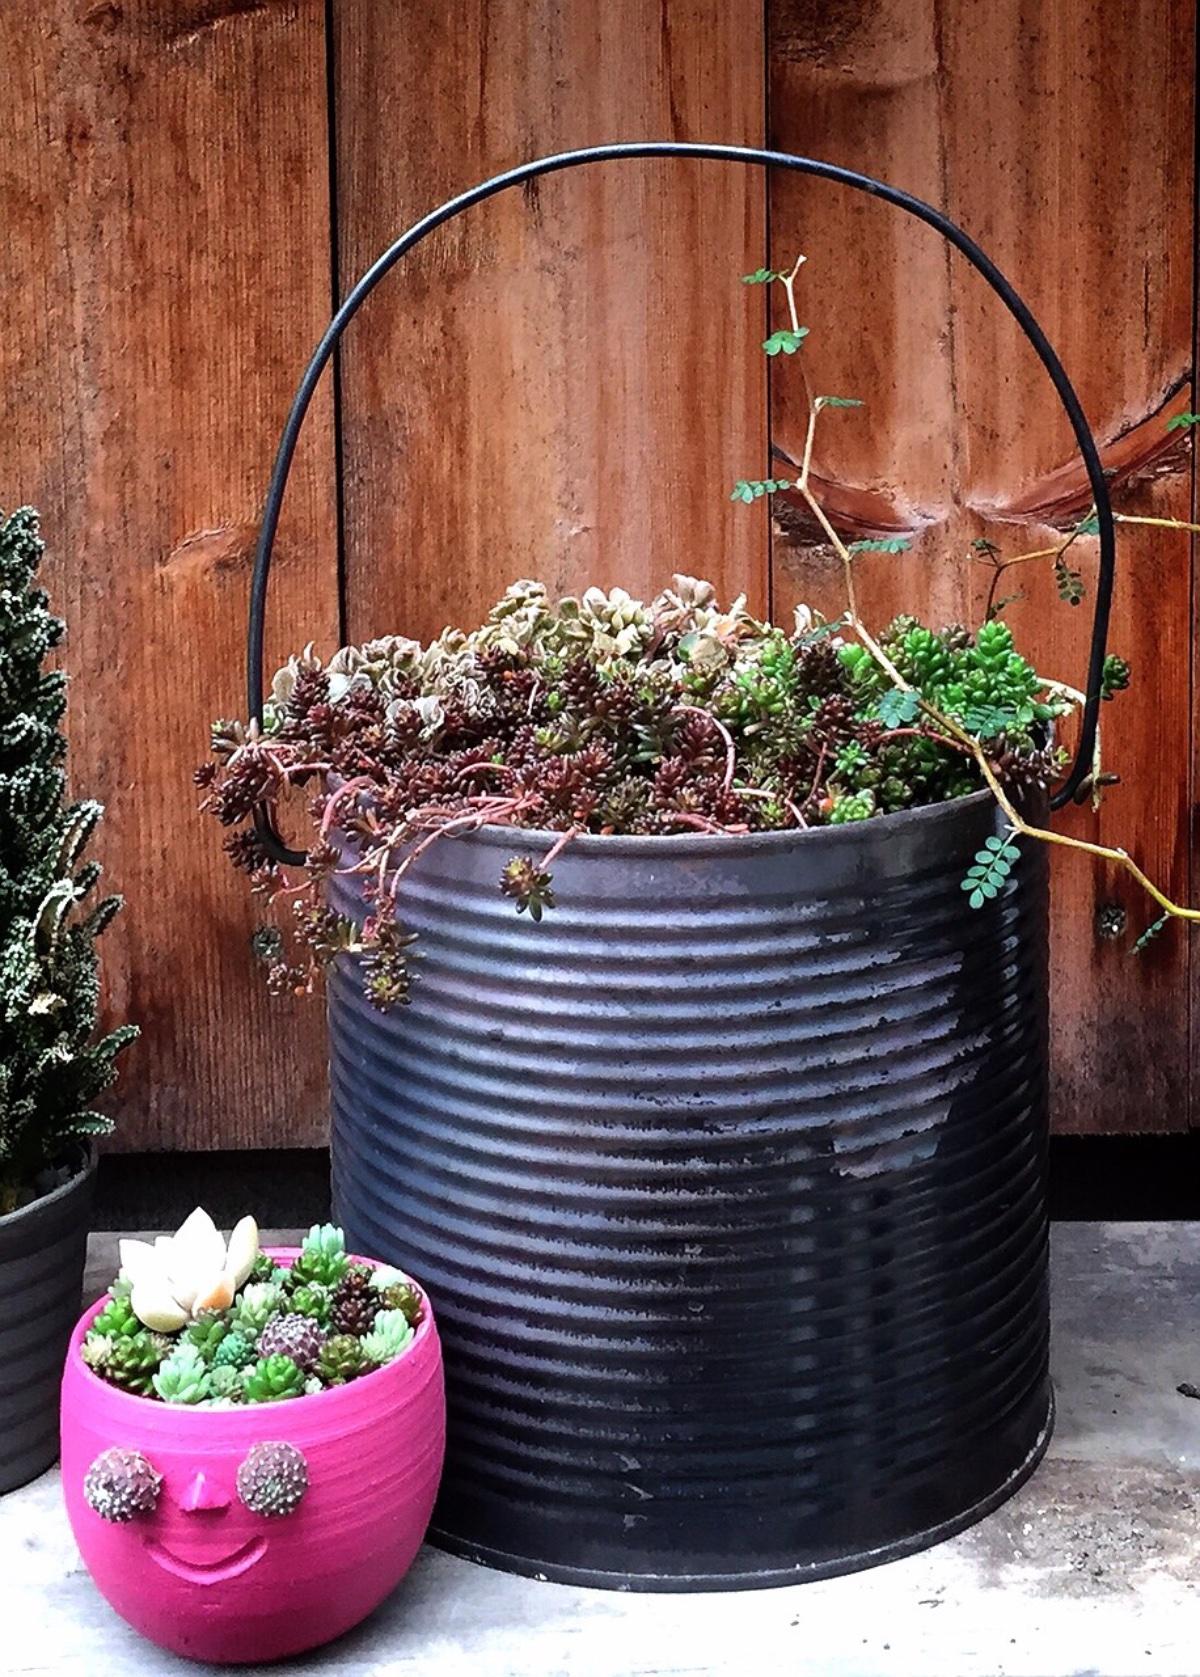 焼き缶セダムの寄せ植え&タニク顏制作